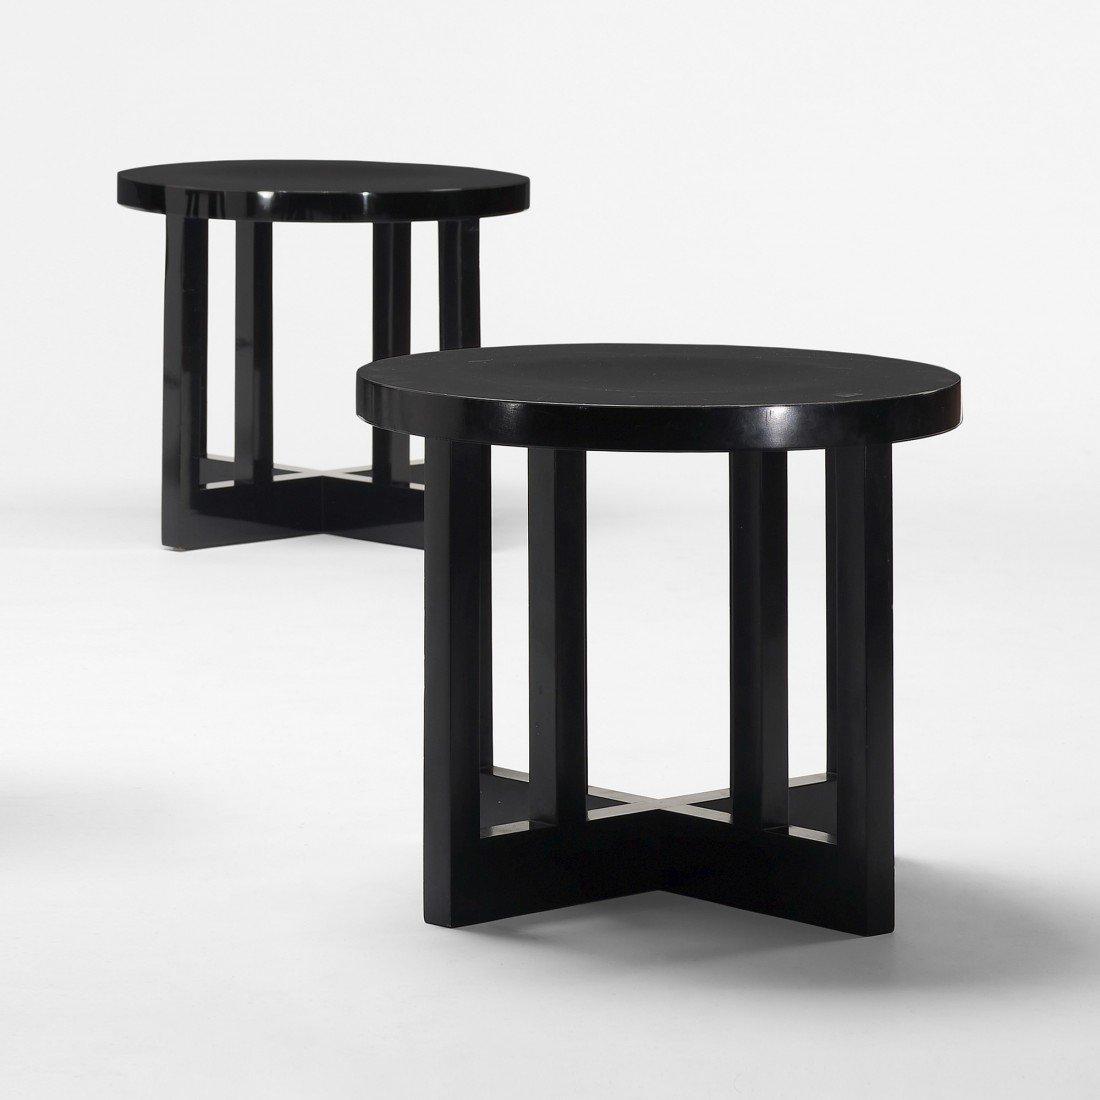 170: Richard Meier Low stools model 820Y, pair